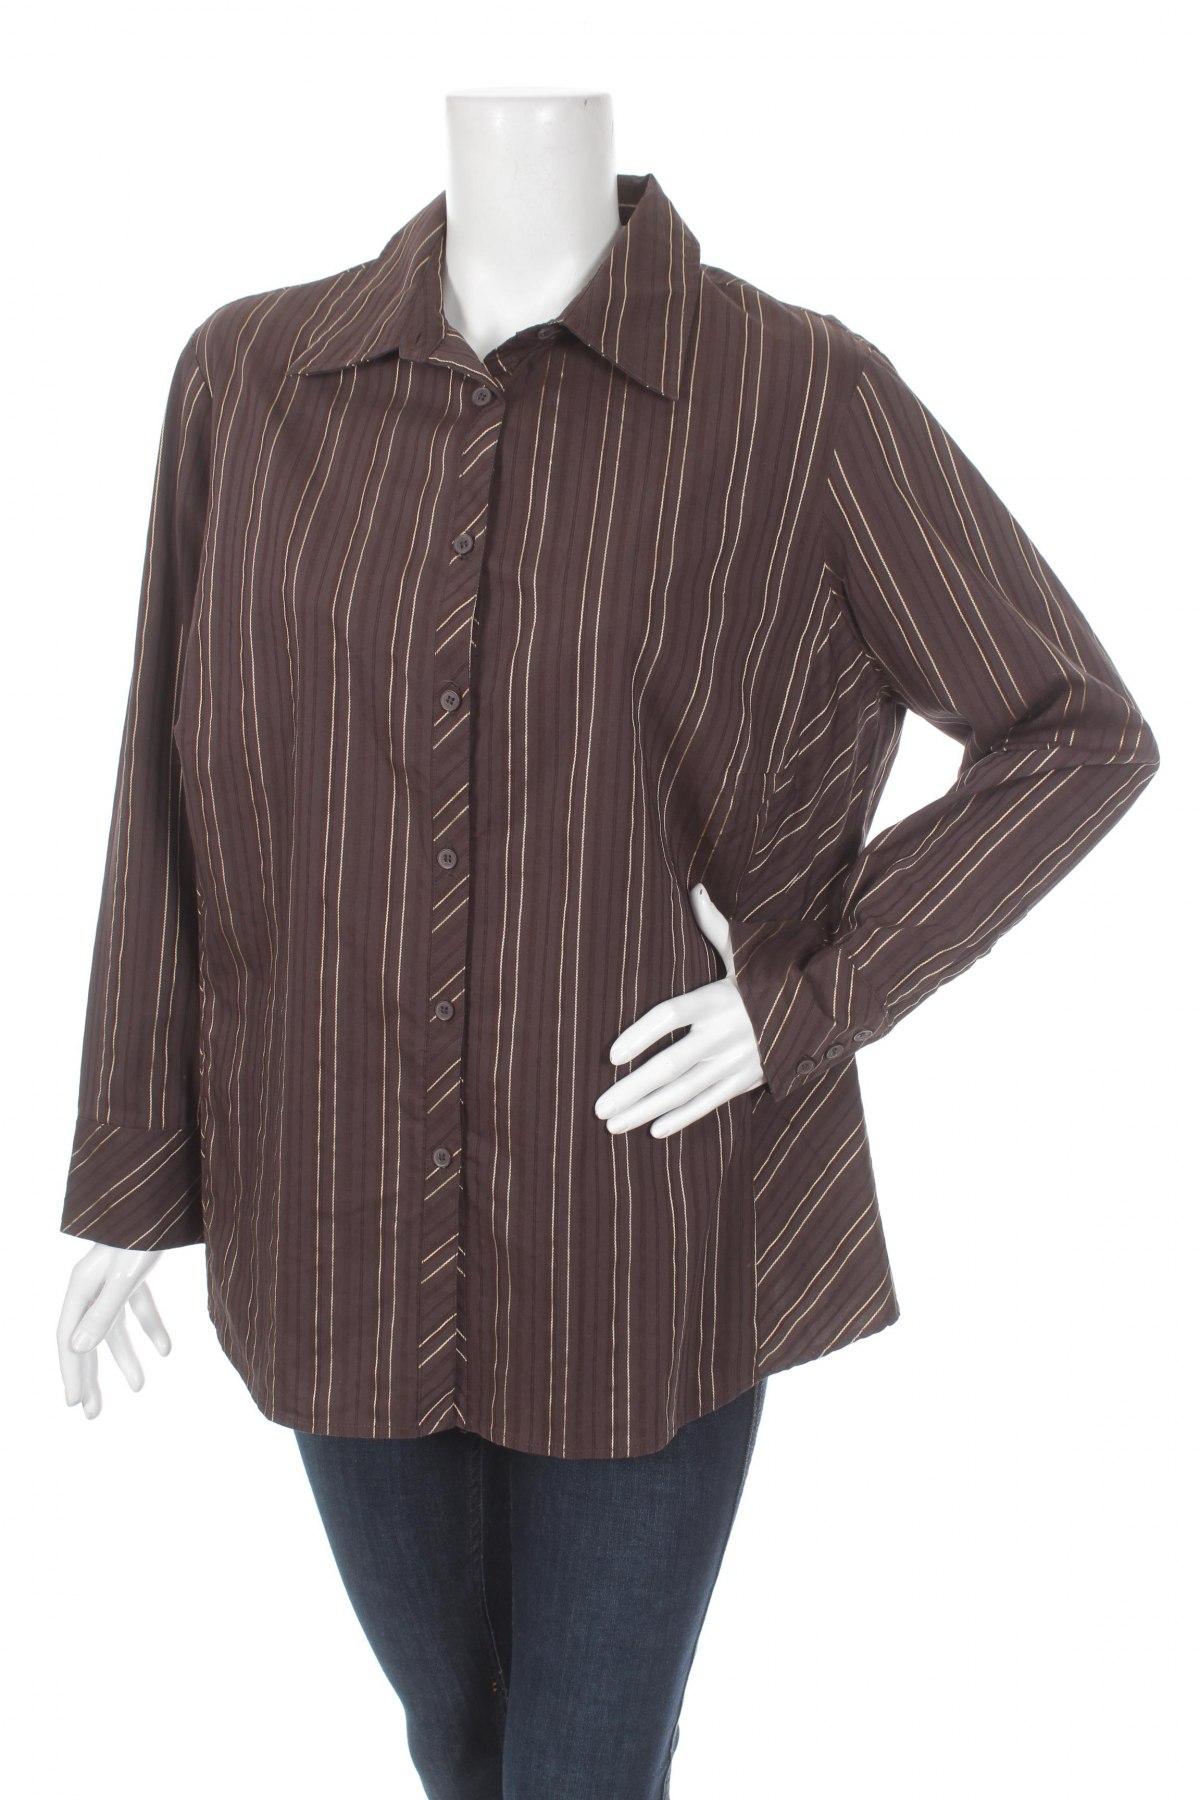 Γυναικείο πουκάμισο, Μέγεθος XL, Χρώμα Καφέ, Βαμβάκι, πολυεστέρας, Τιμή 20,10€